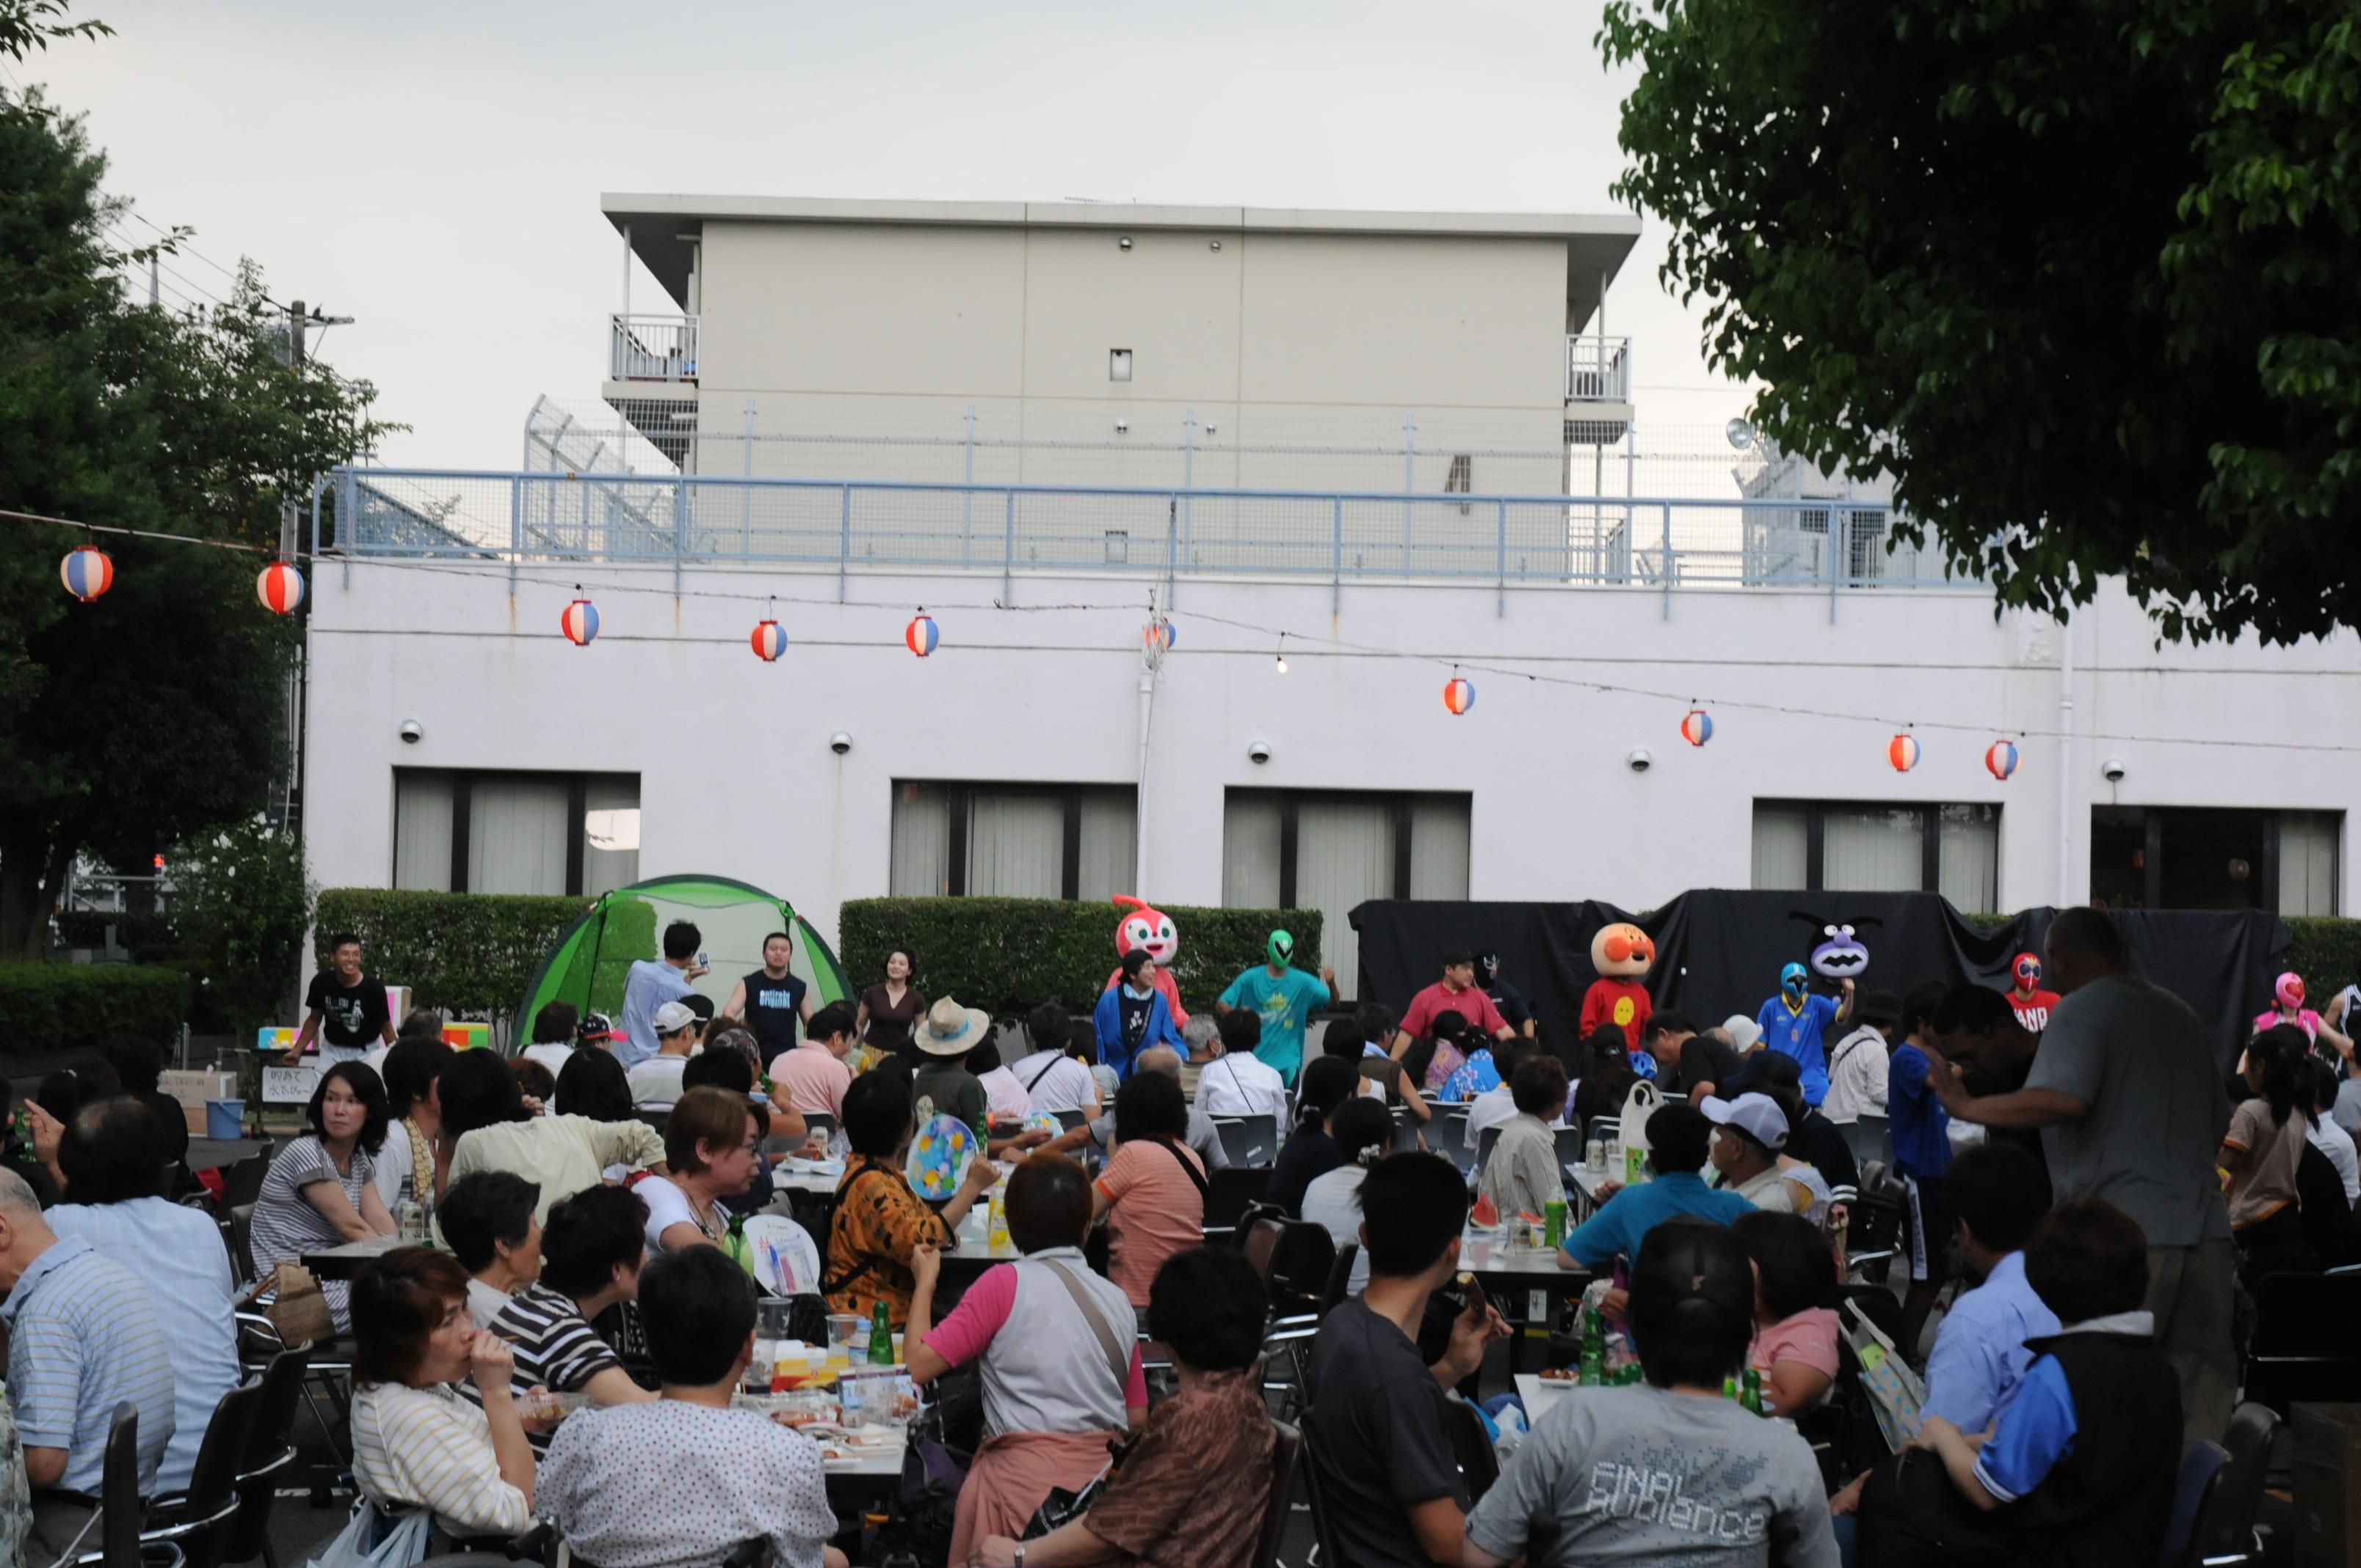 DSC 0405 - 納涼祭より ・・・多くのご来館ありがとうございました